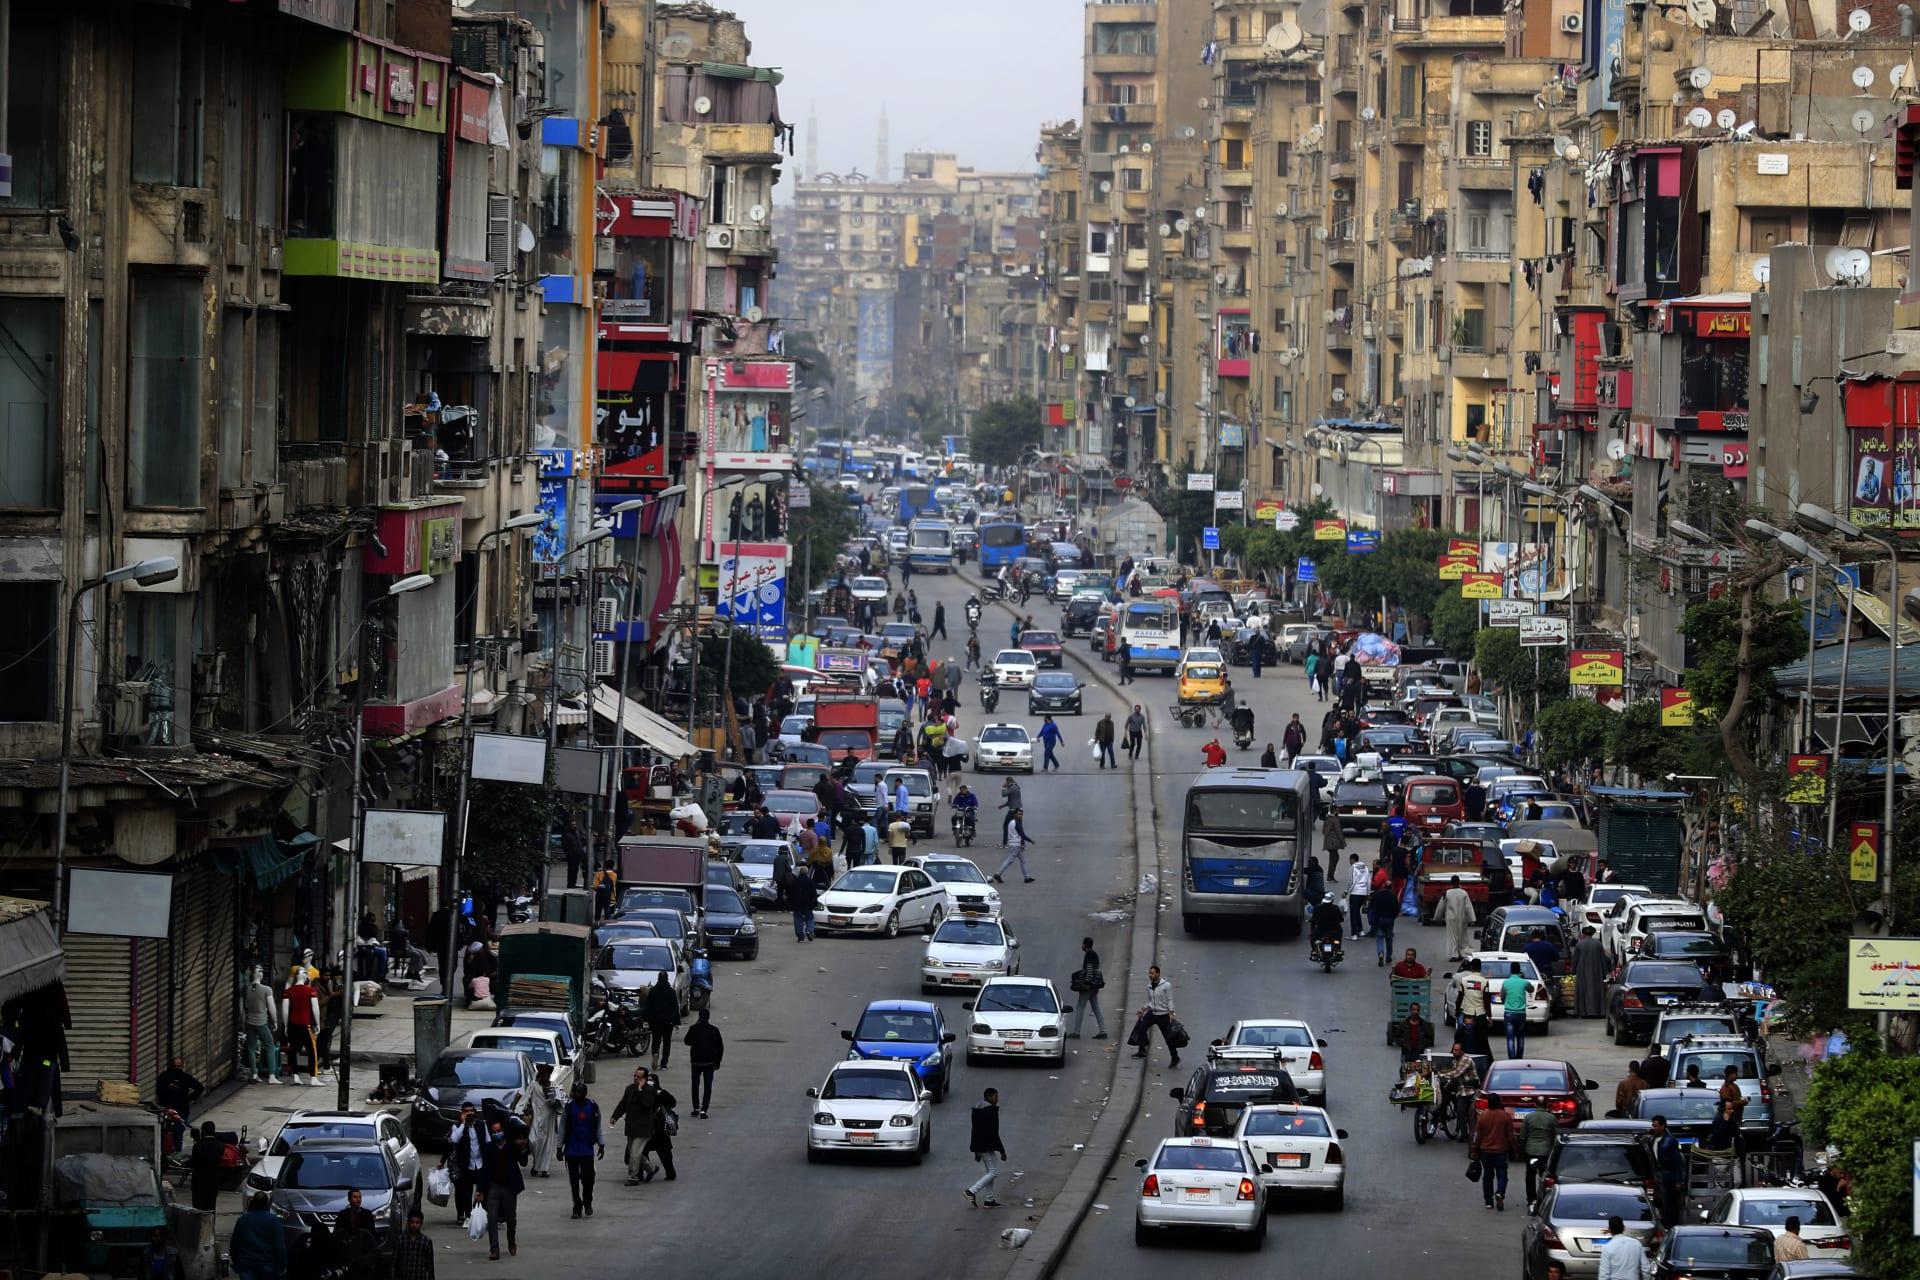 """السفير الصيني: مطالبة """"بضعة أشخاص في مصر"""" دفعنا تعويضات عن أضرار كورونا """"اتهامات باطلة"""""""